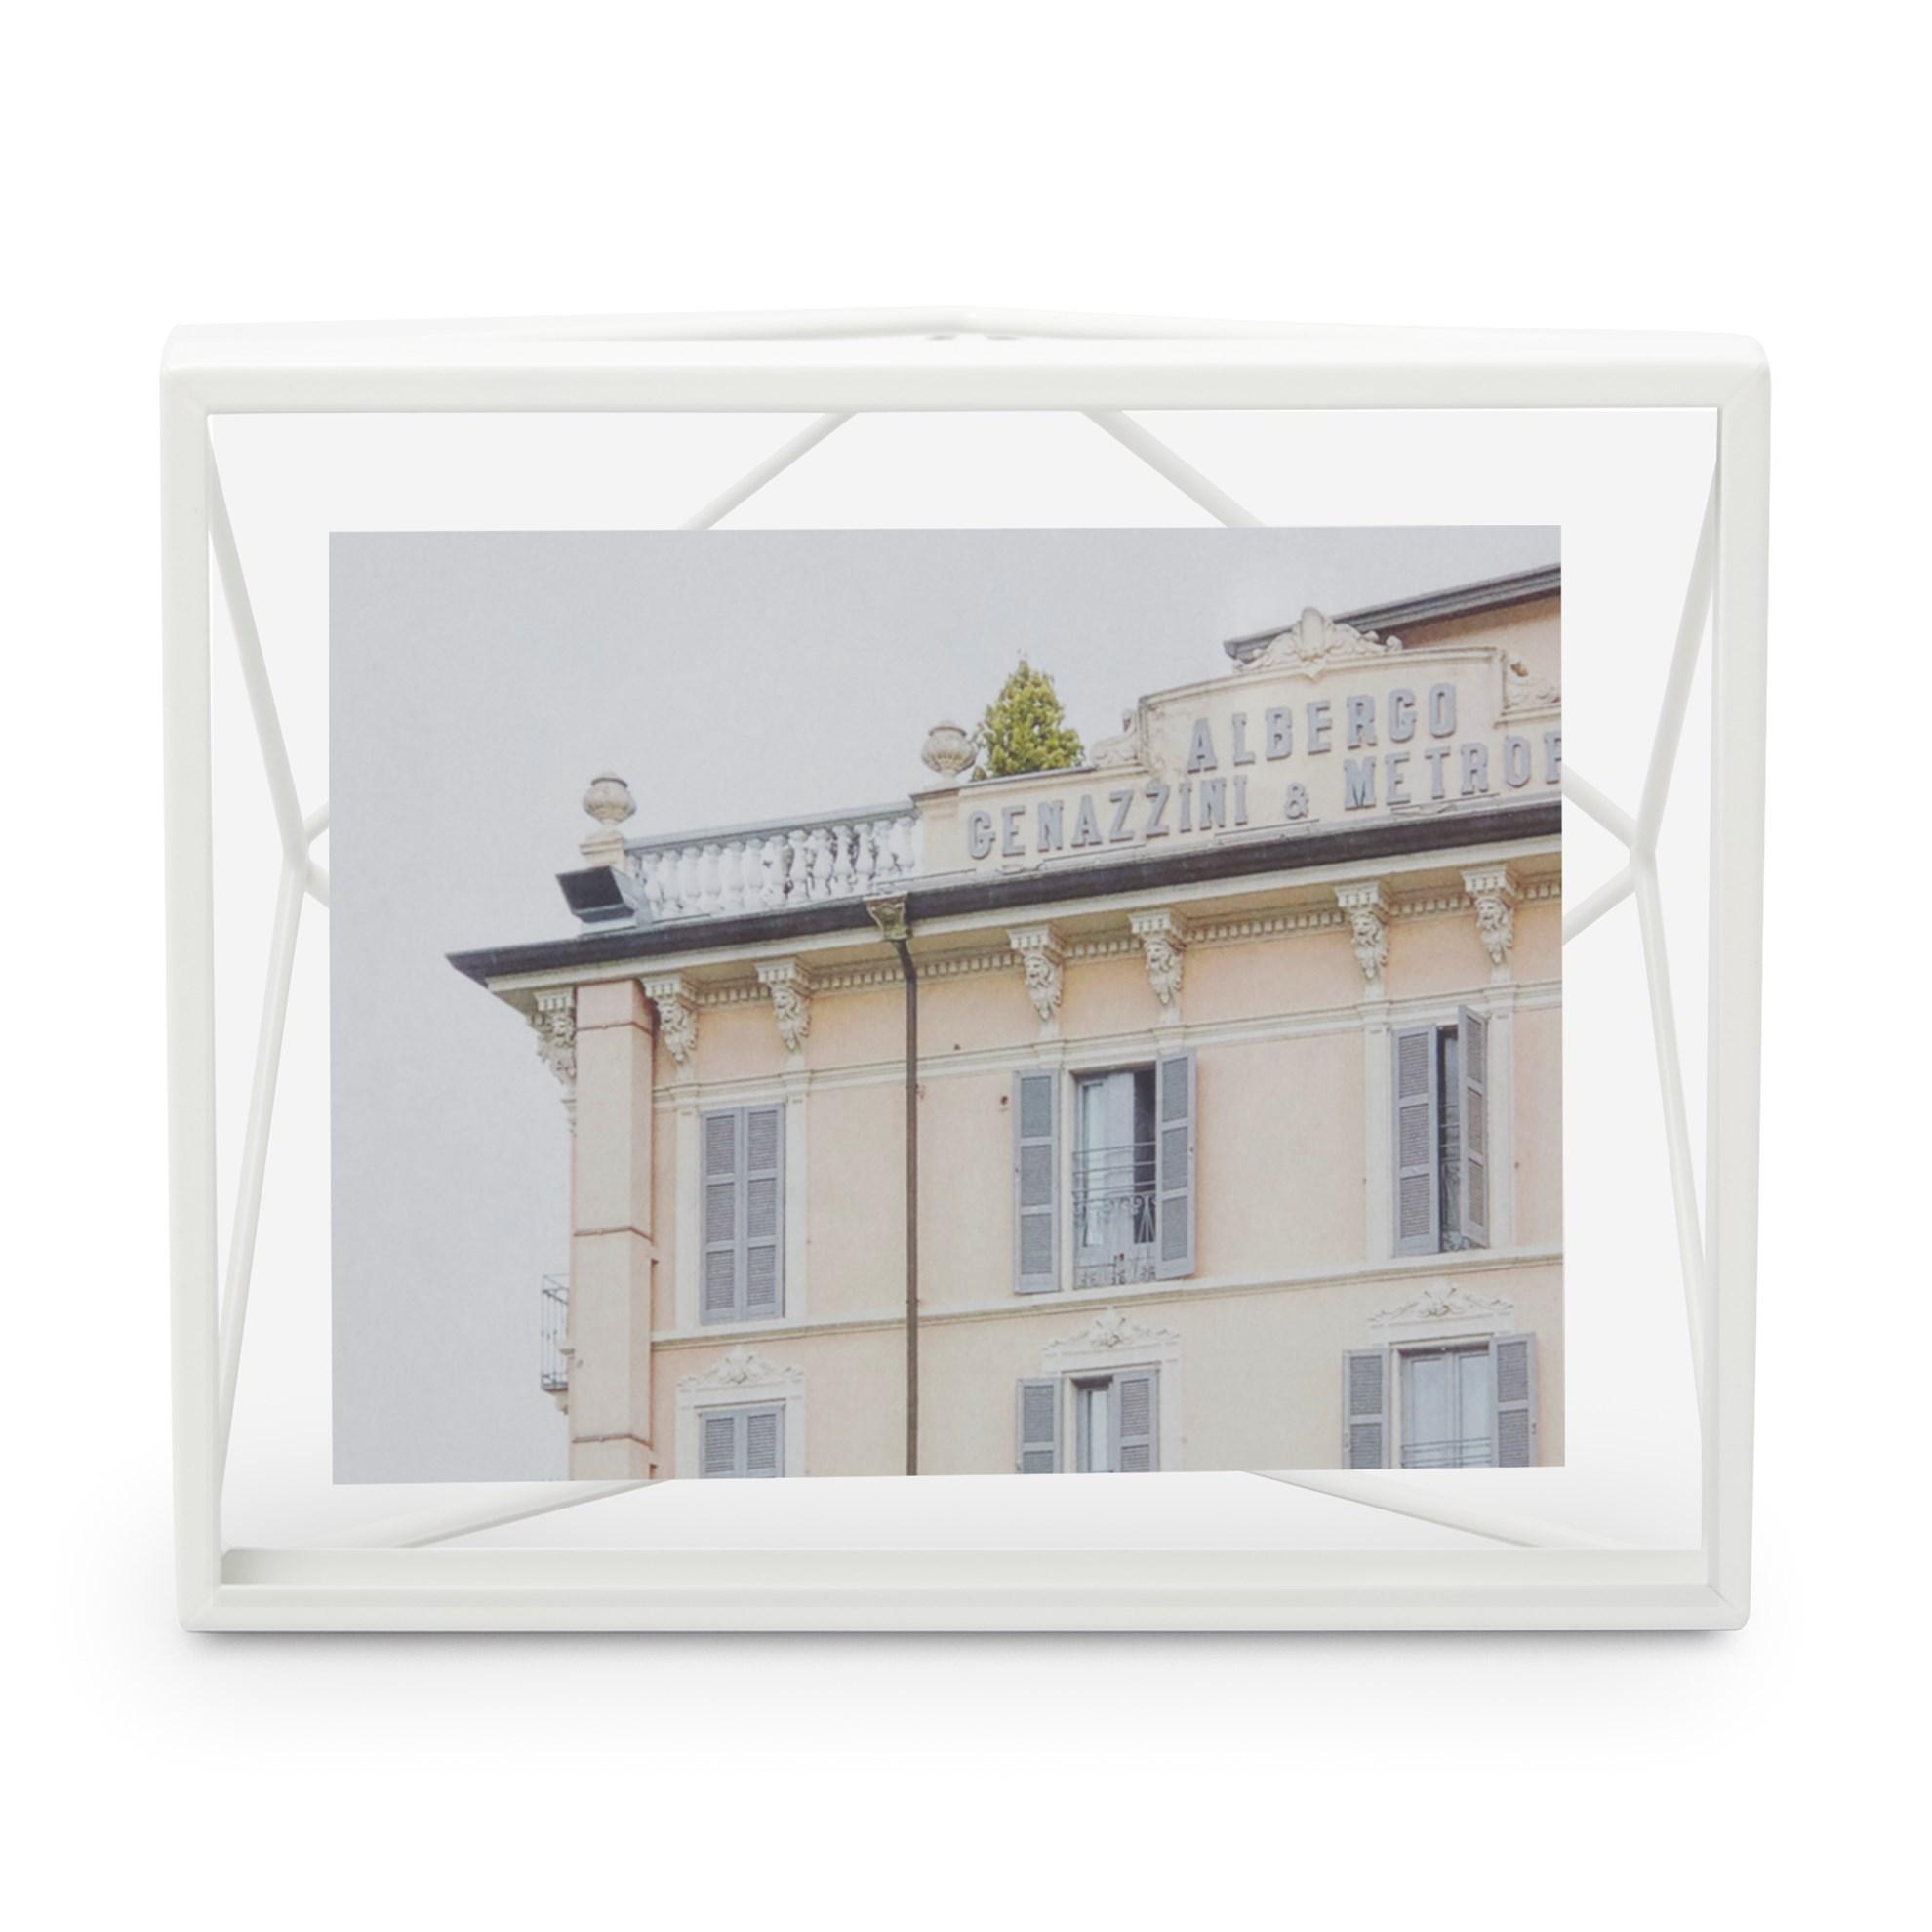 Fotorámeček PRISMA 20x25 cm bílý_1